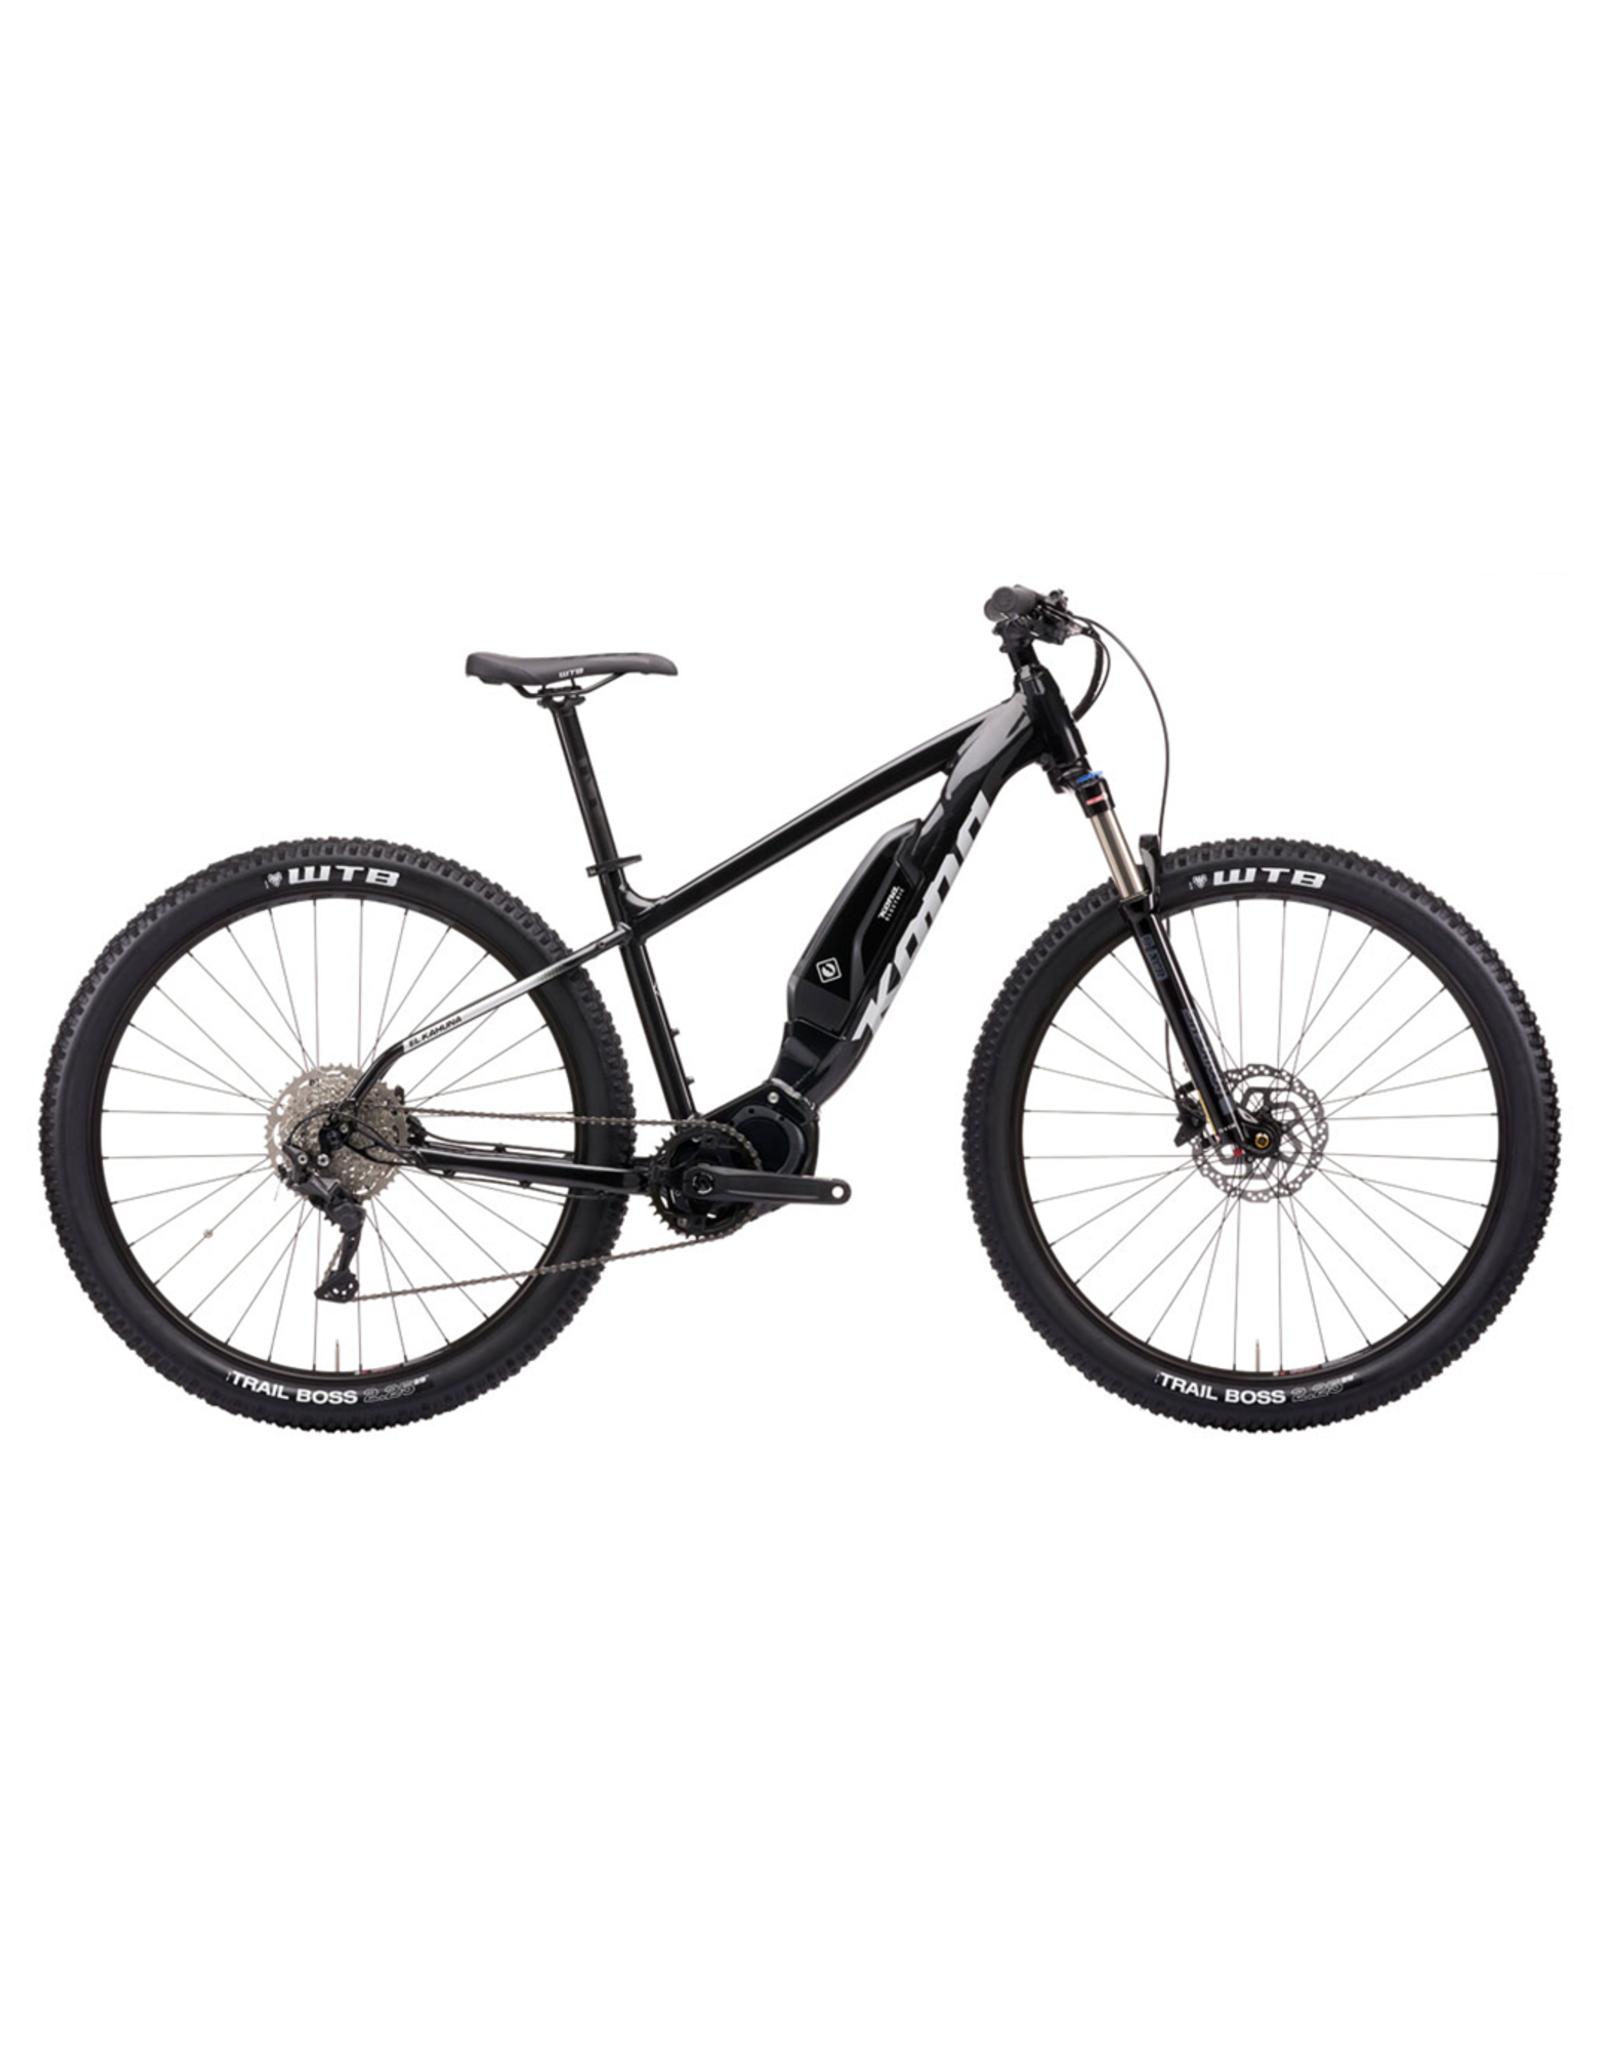 KONA Kona El Kahuna Complete Bike